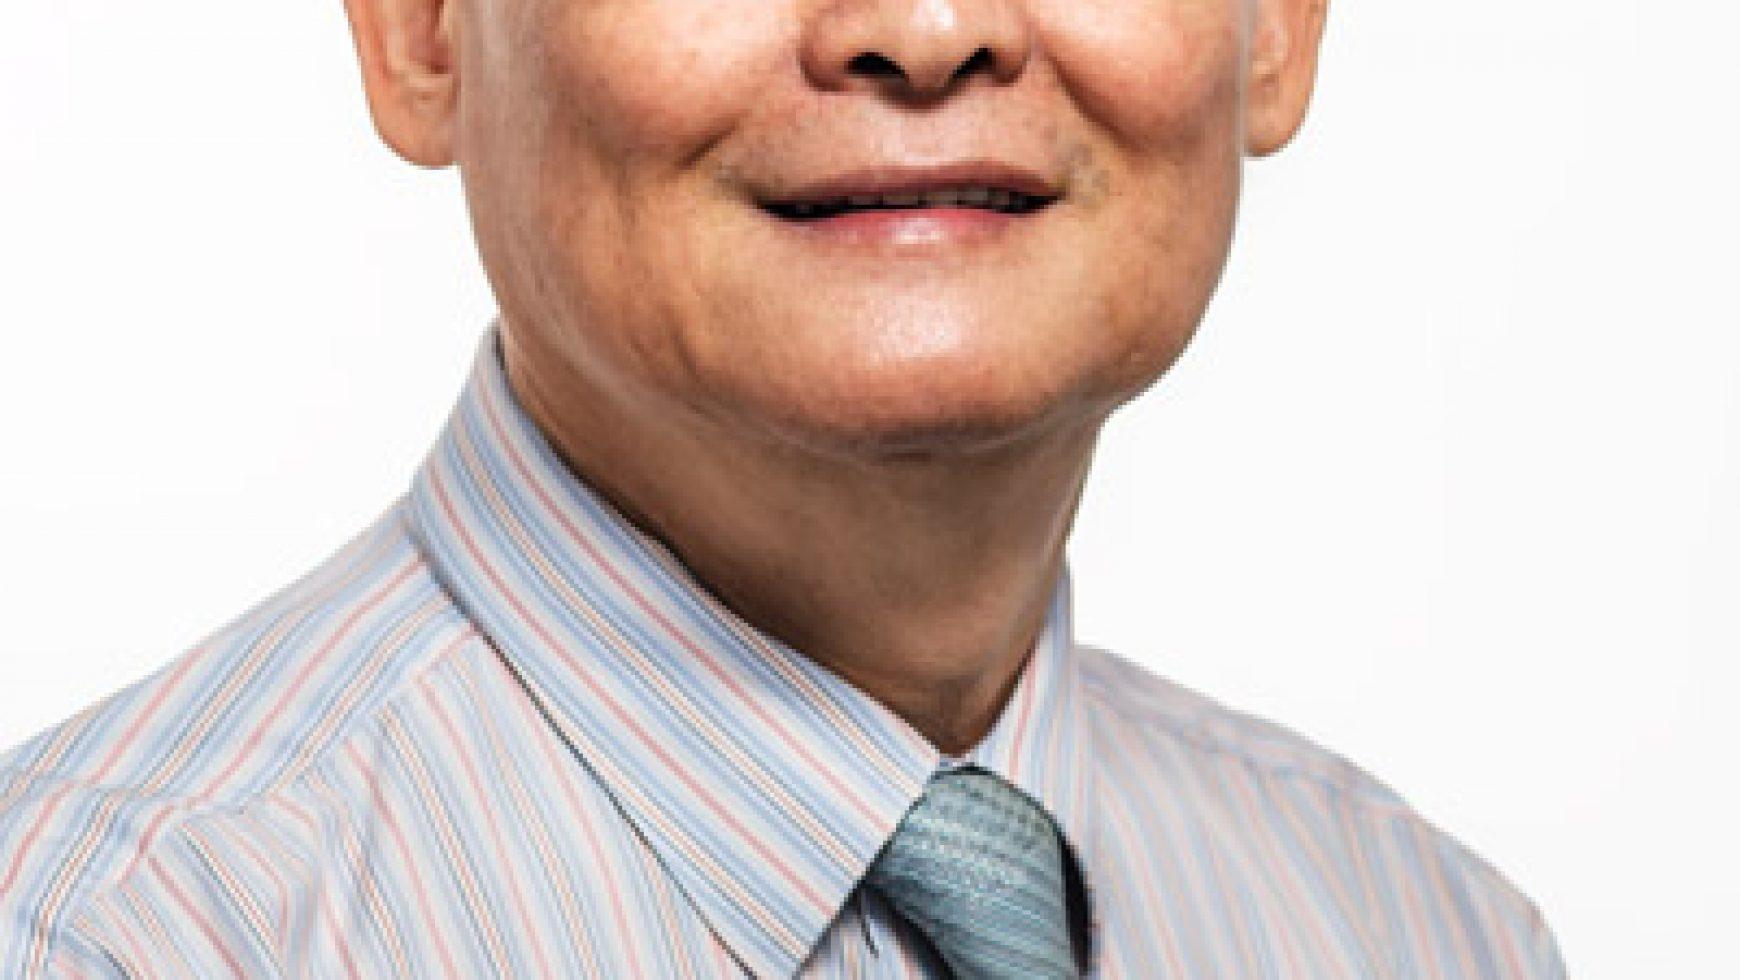 Raymond Poh